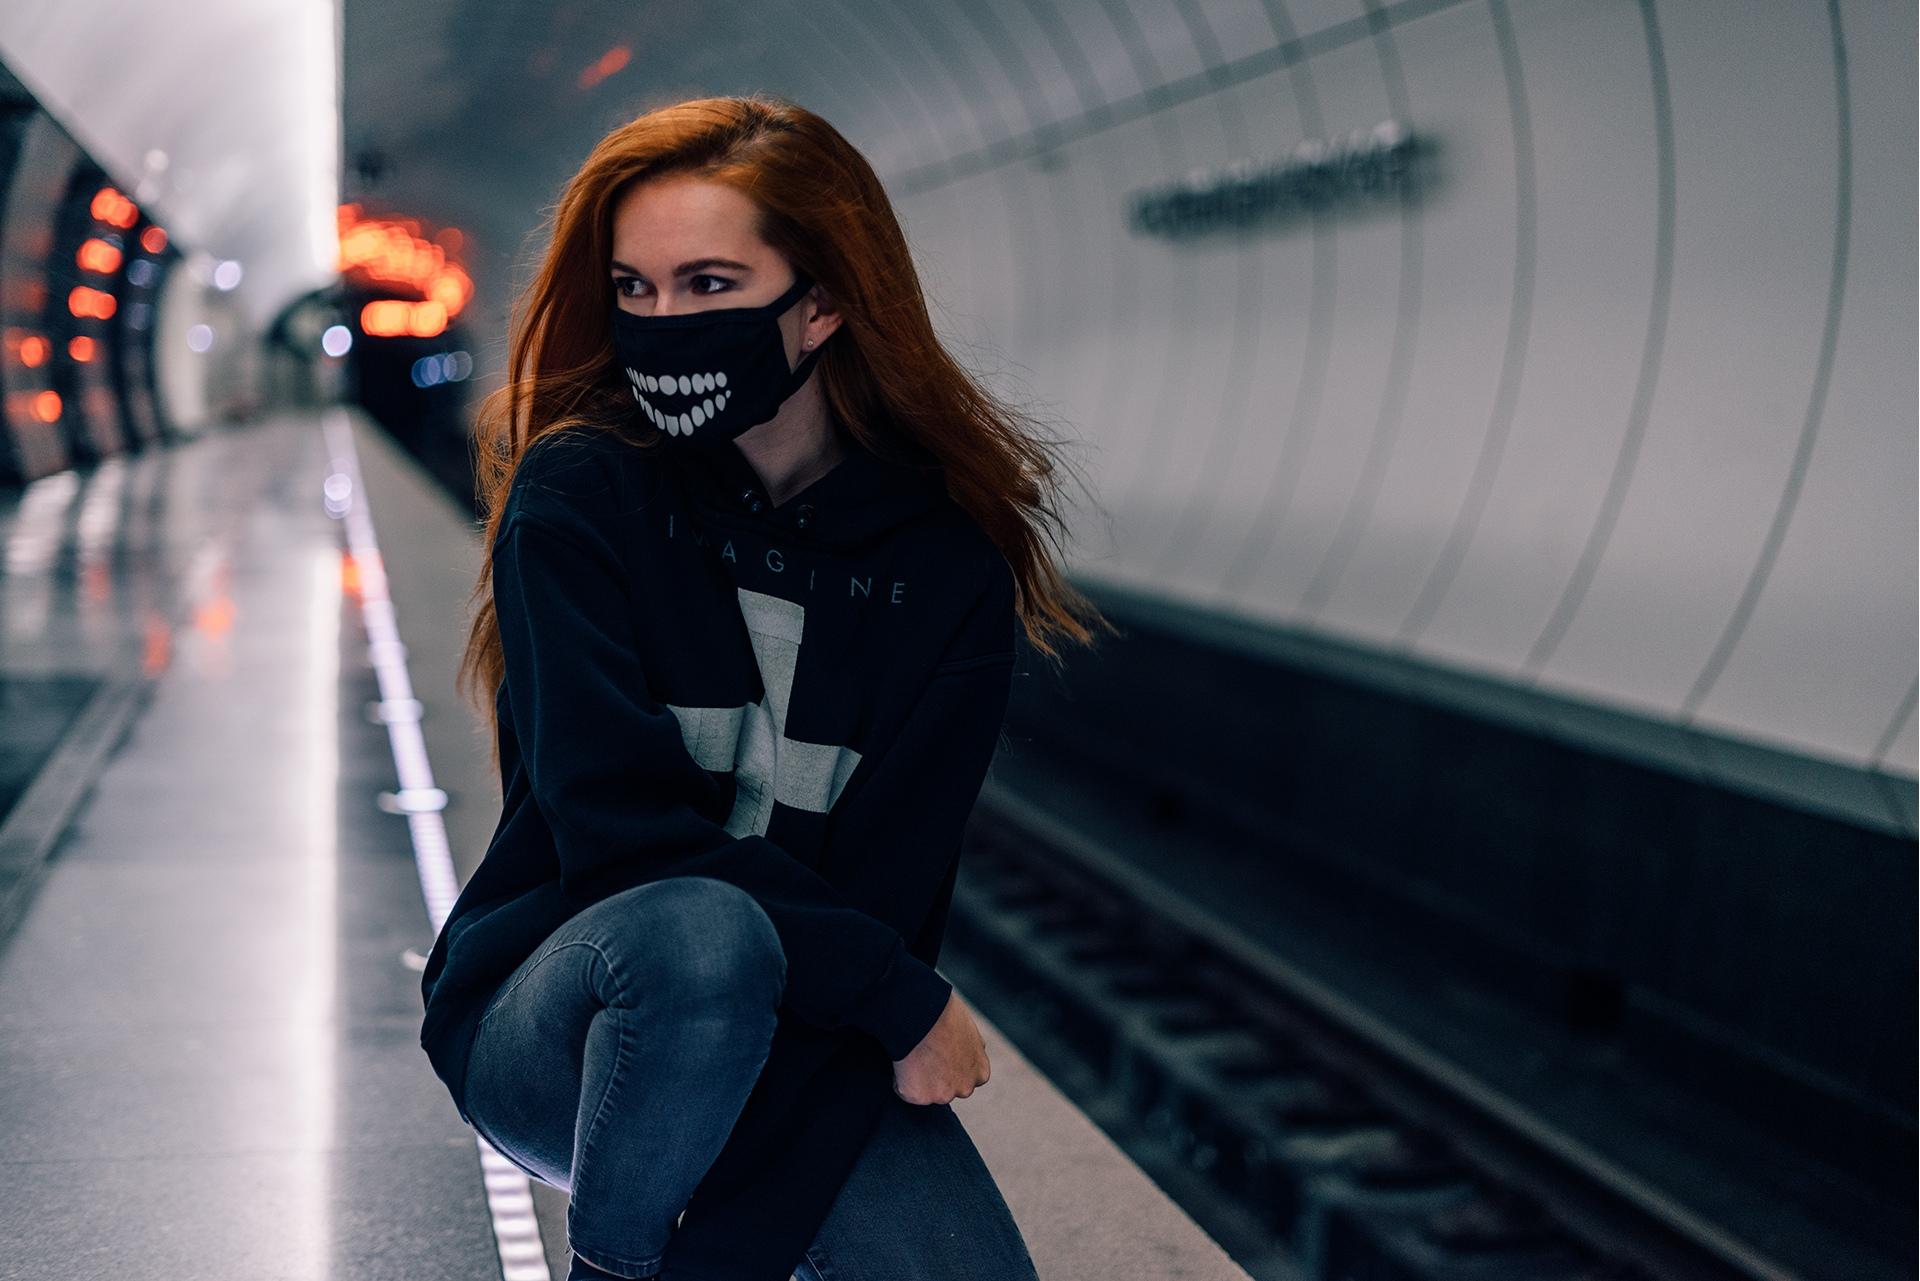 People 1920x1281 women model portrait looking away sweatshirts jeans subway mask long hair